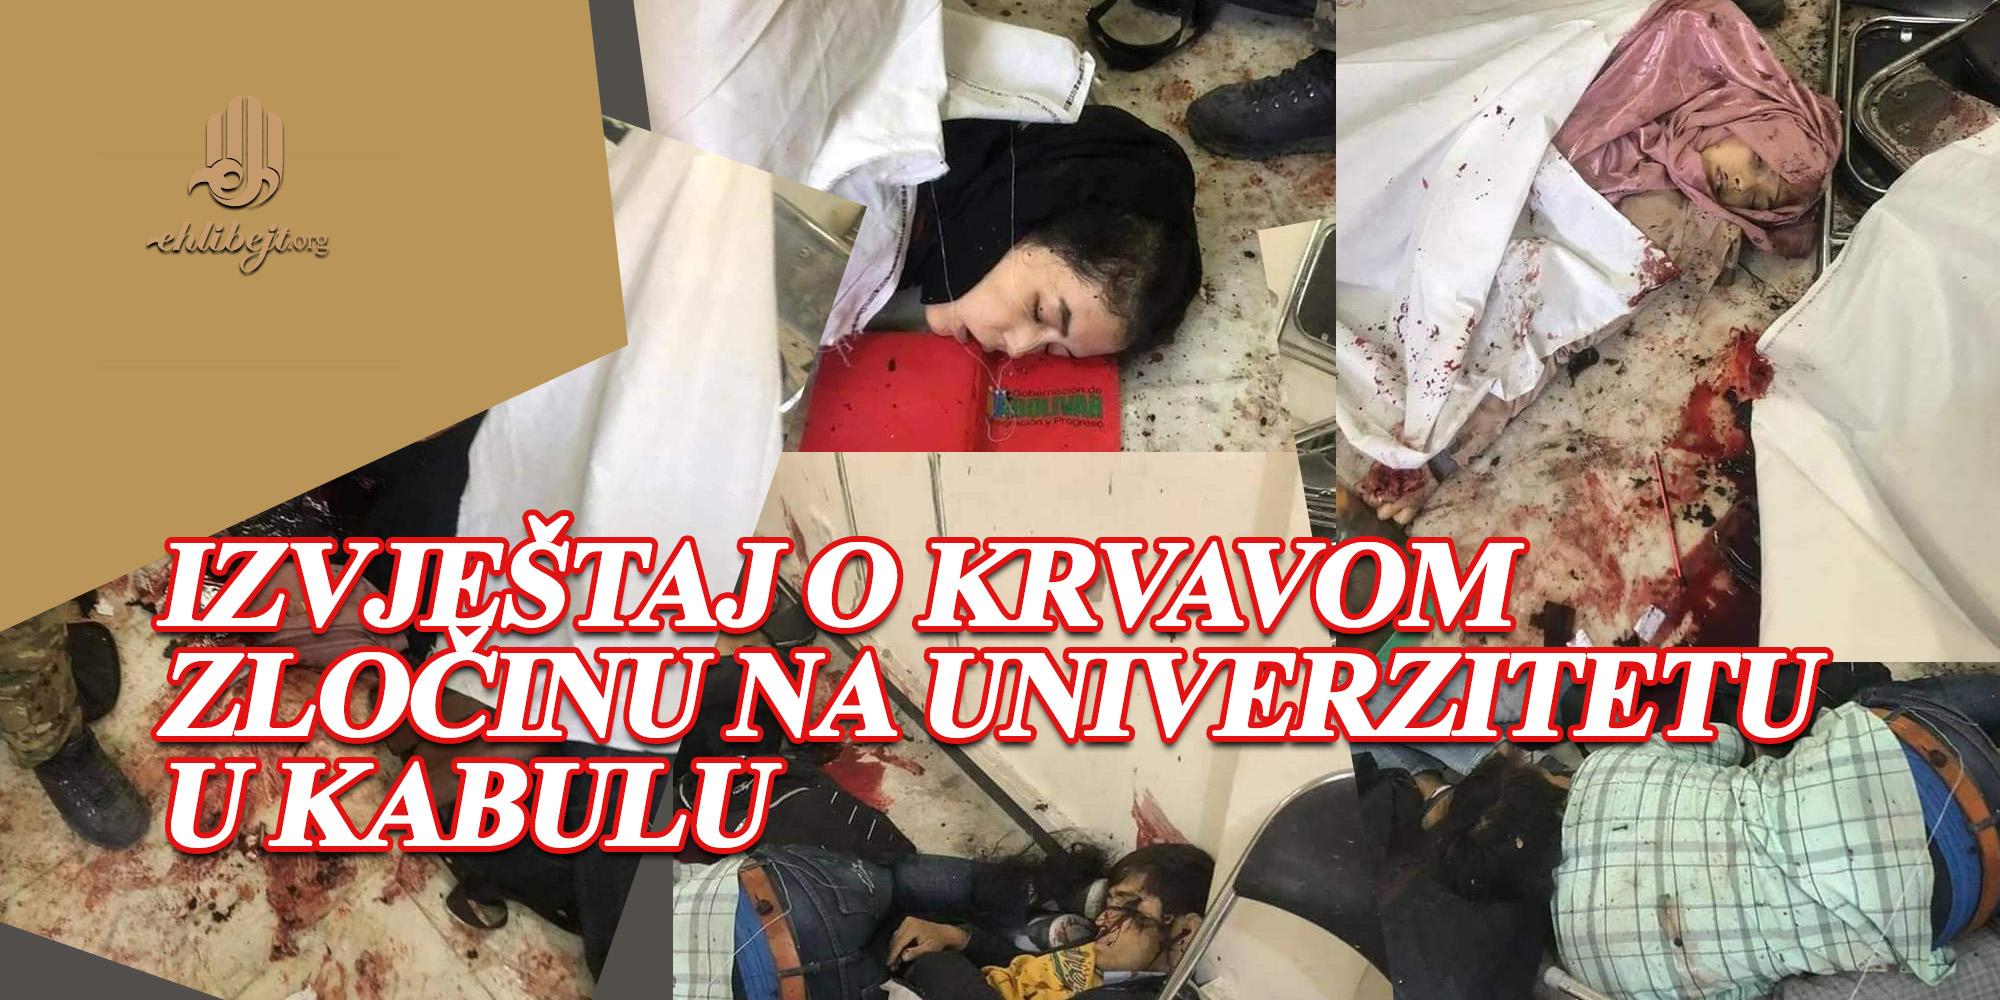 Izvještaj o krvavom zločinu na univerzitetu u Kabulu